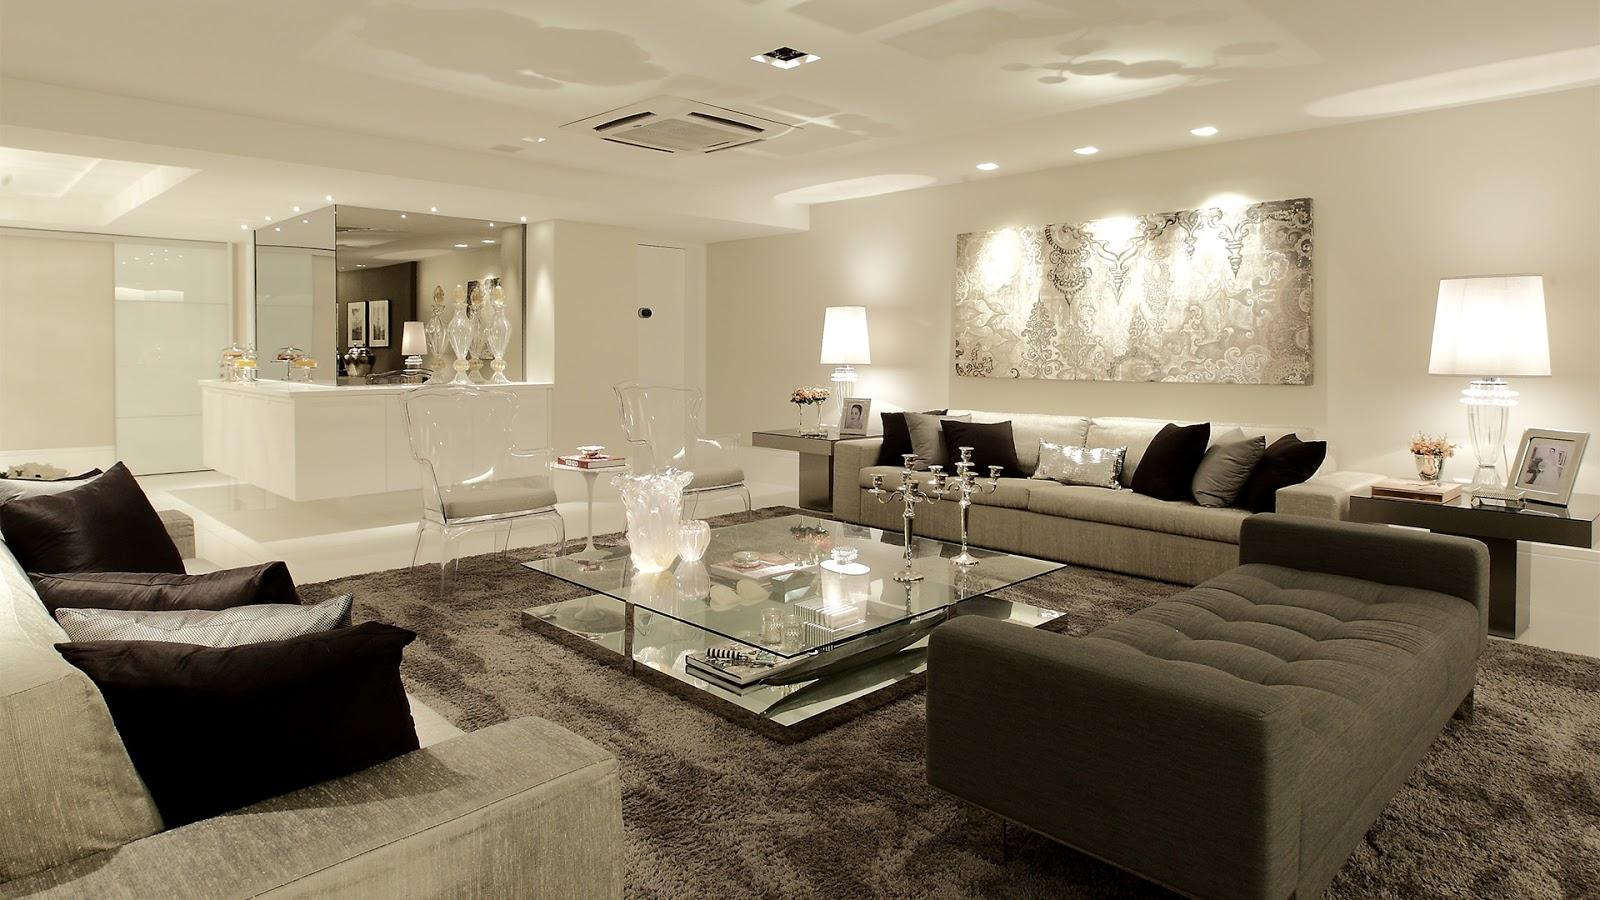 Construindo minha casa clean consultoria da leitora sala - Sala de estar ...